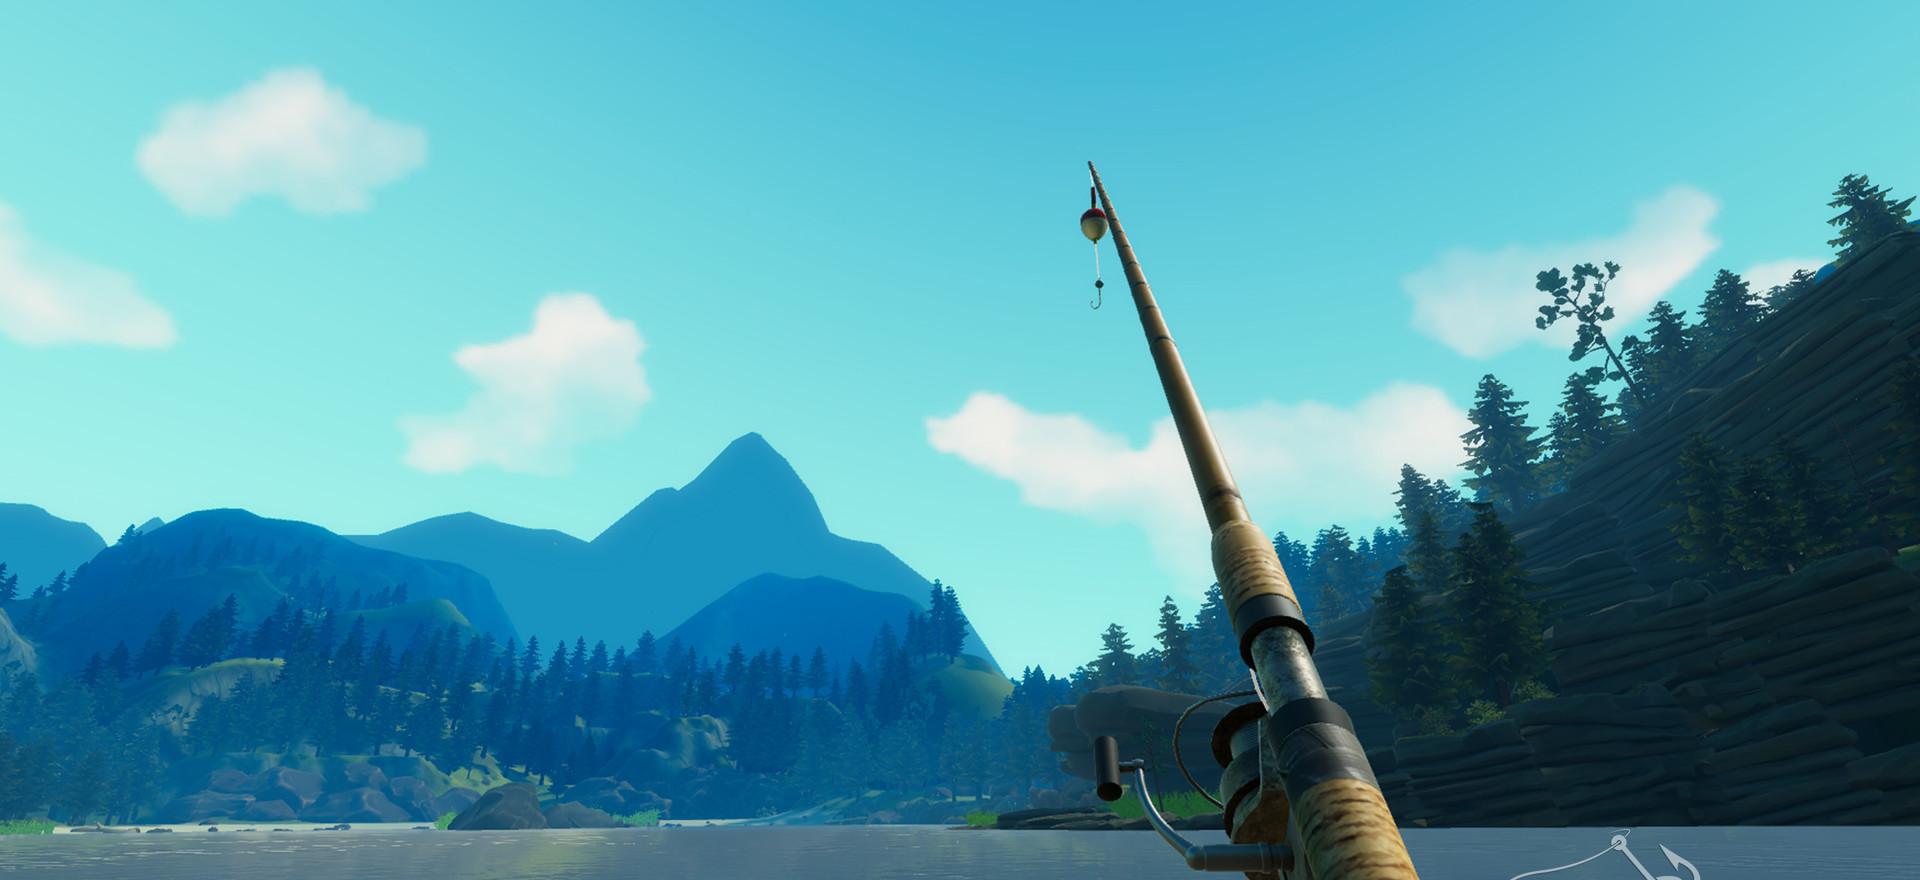 Catch & Release - Fishing Rod.jpg